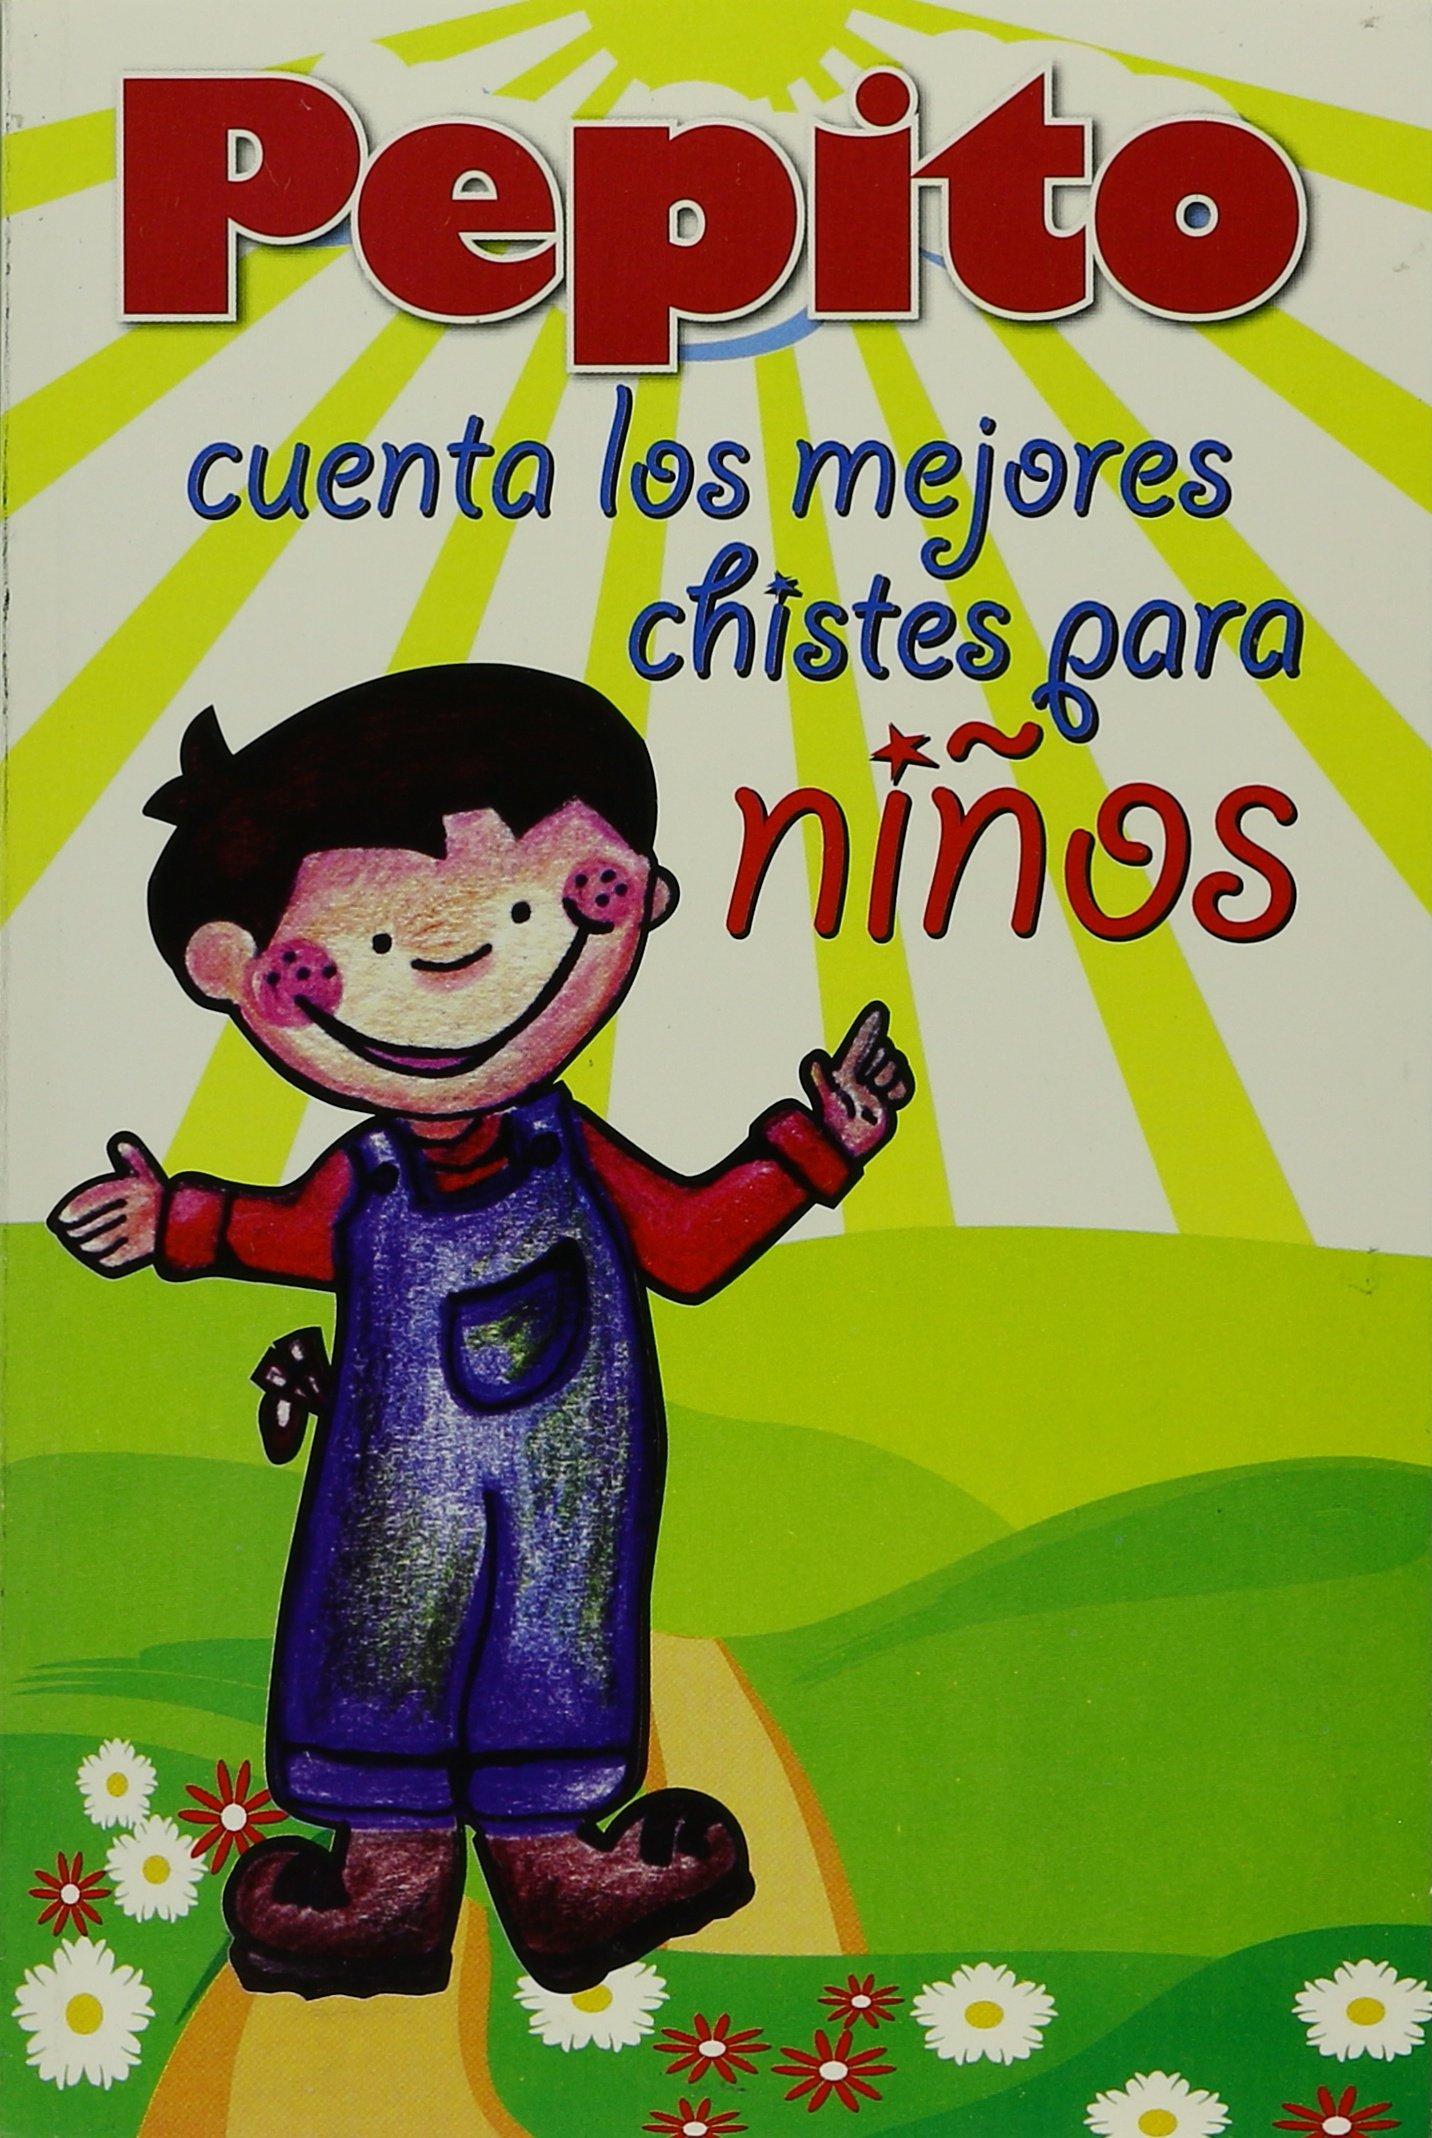 Pepito cuenta los mejores chistes para ninos (Spanish Edition) PDF